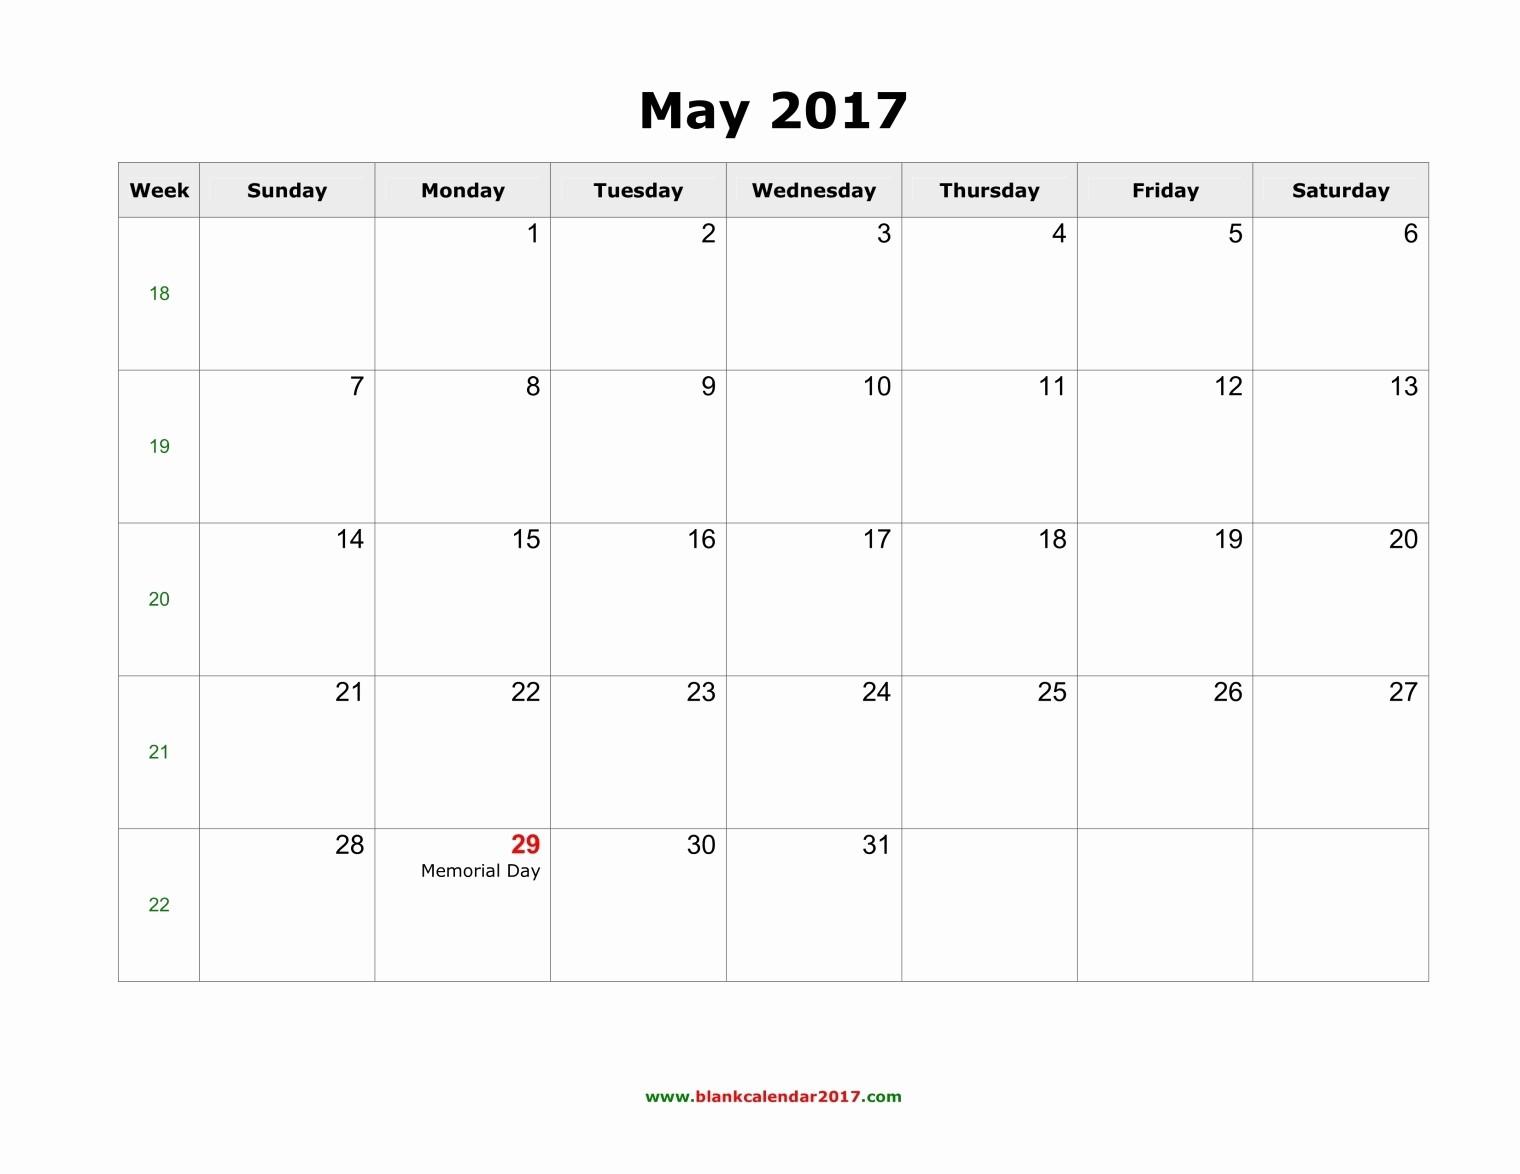 2017 Editable Calendar with Holidays Fresh May 2017 Calendar with Holidays